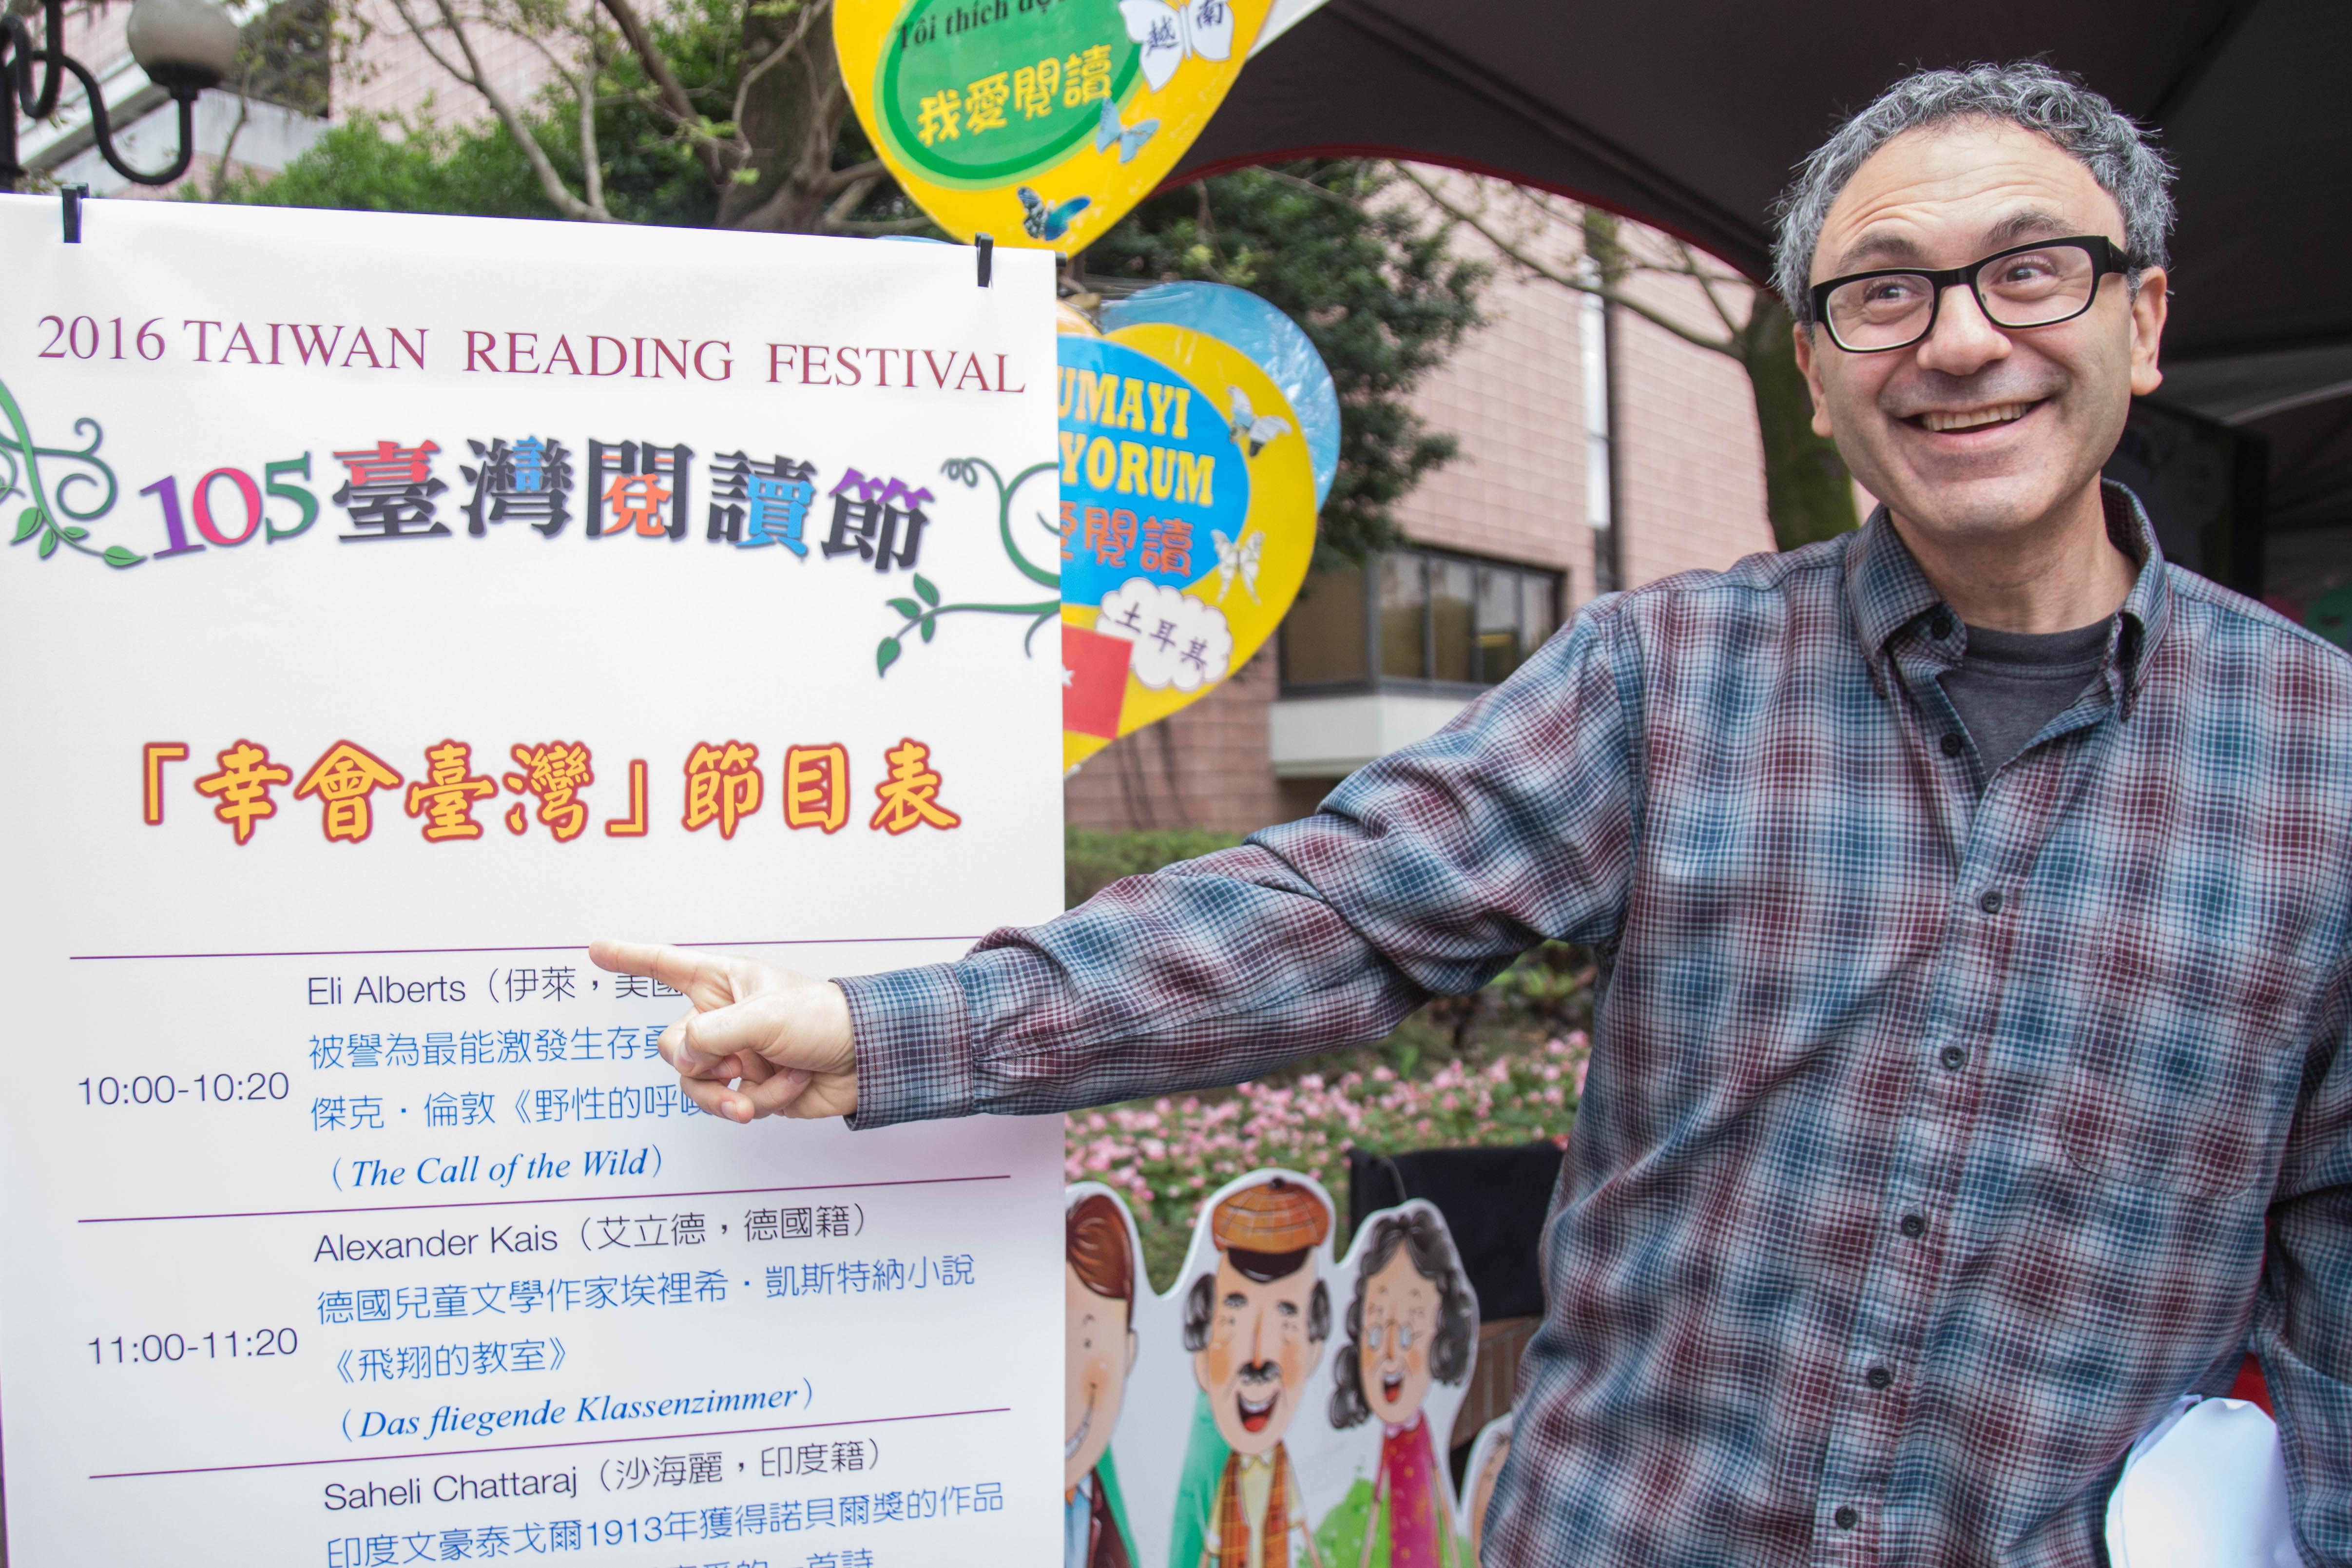 外籍學者 Eli Albert ,與臺灣民眾分享原文小說 攝影/高子涵